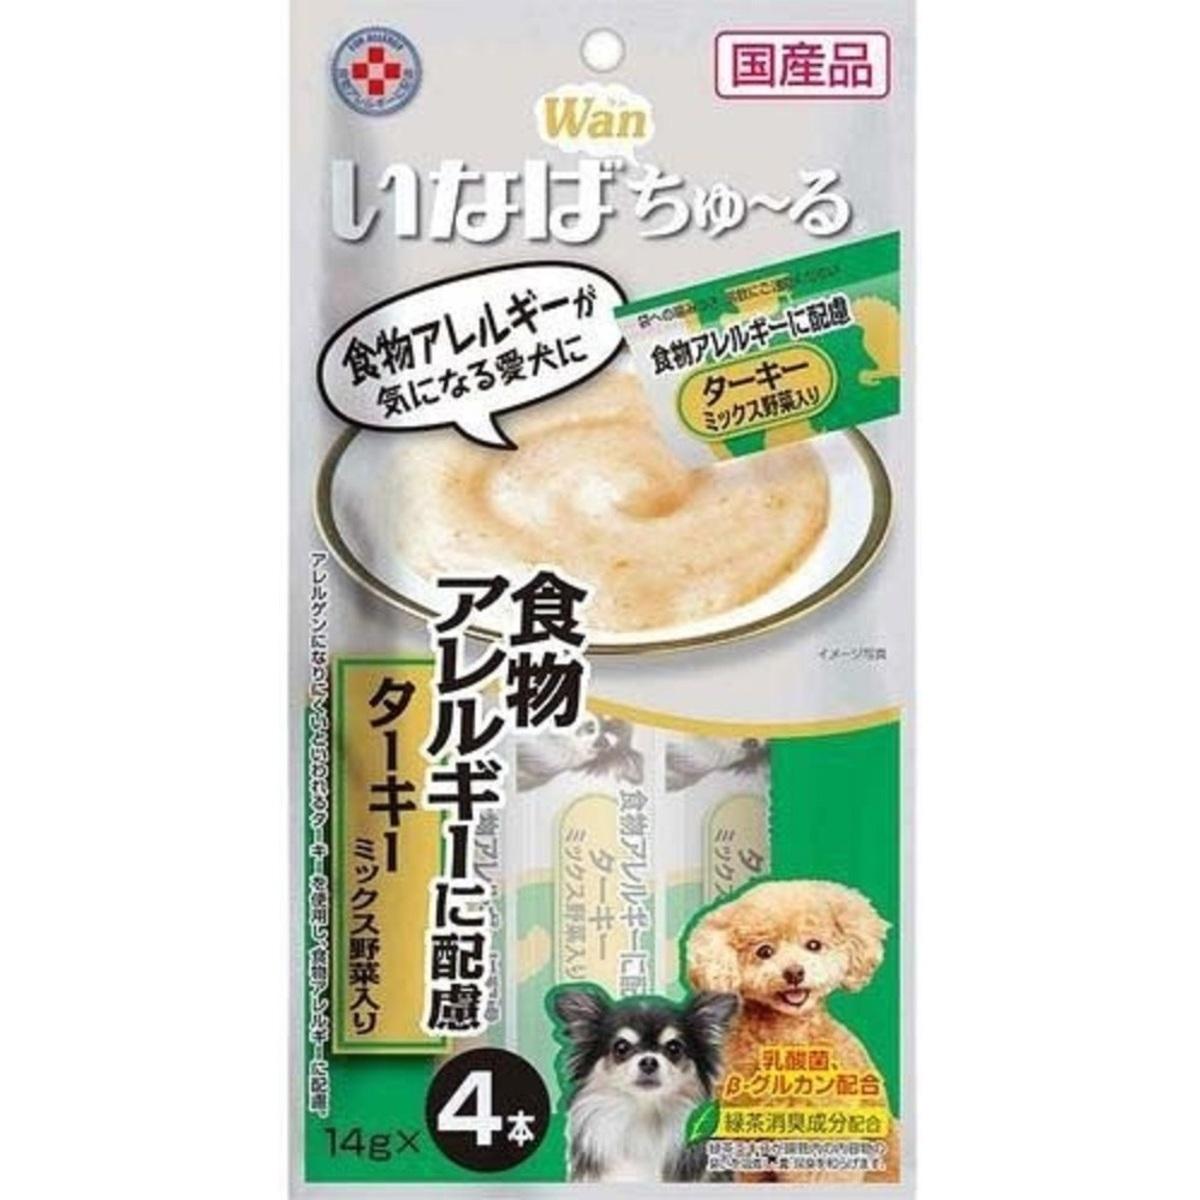 店内全品送料無料 流行 人気ブランド多数対象 1個あたり2500円 いなば wanちゅーる 食物アレルギーに配慮 犬用 14g×4×6×8入 ターキー野菜